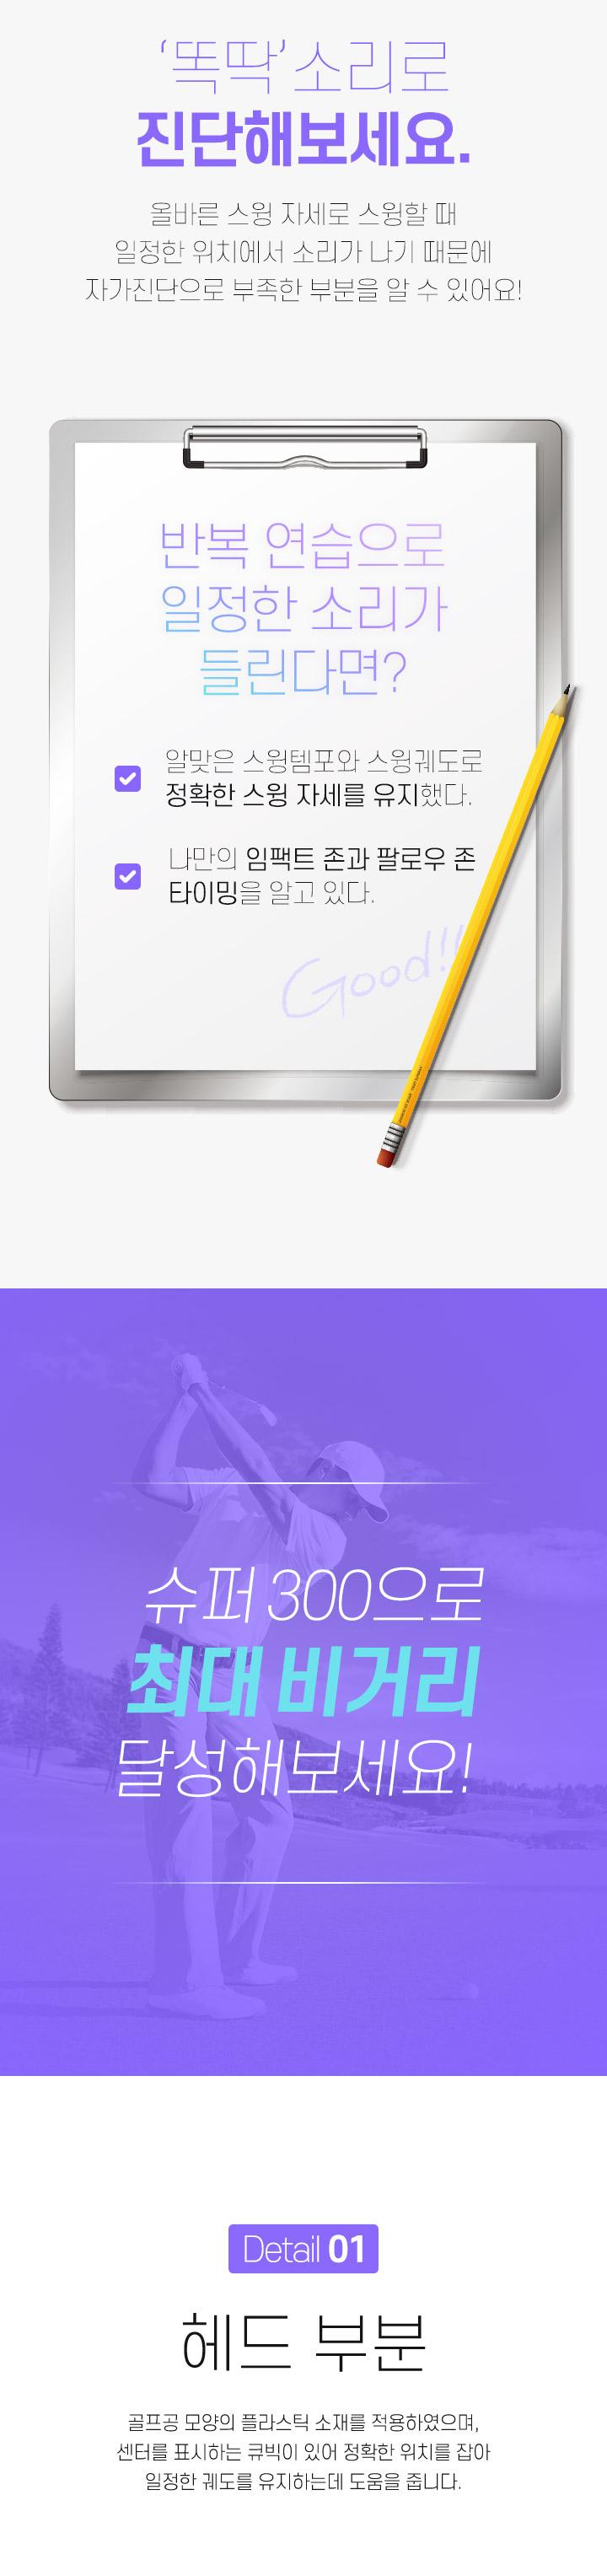 2021062801_1_5.jpg